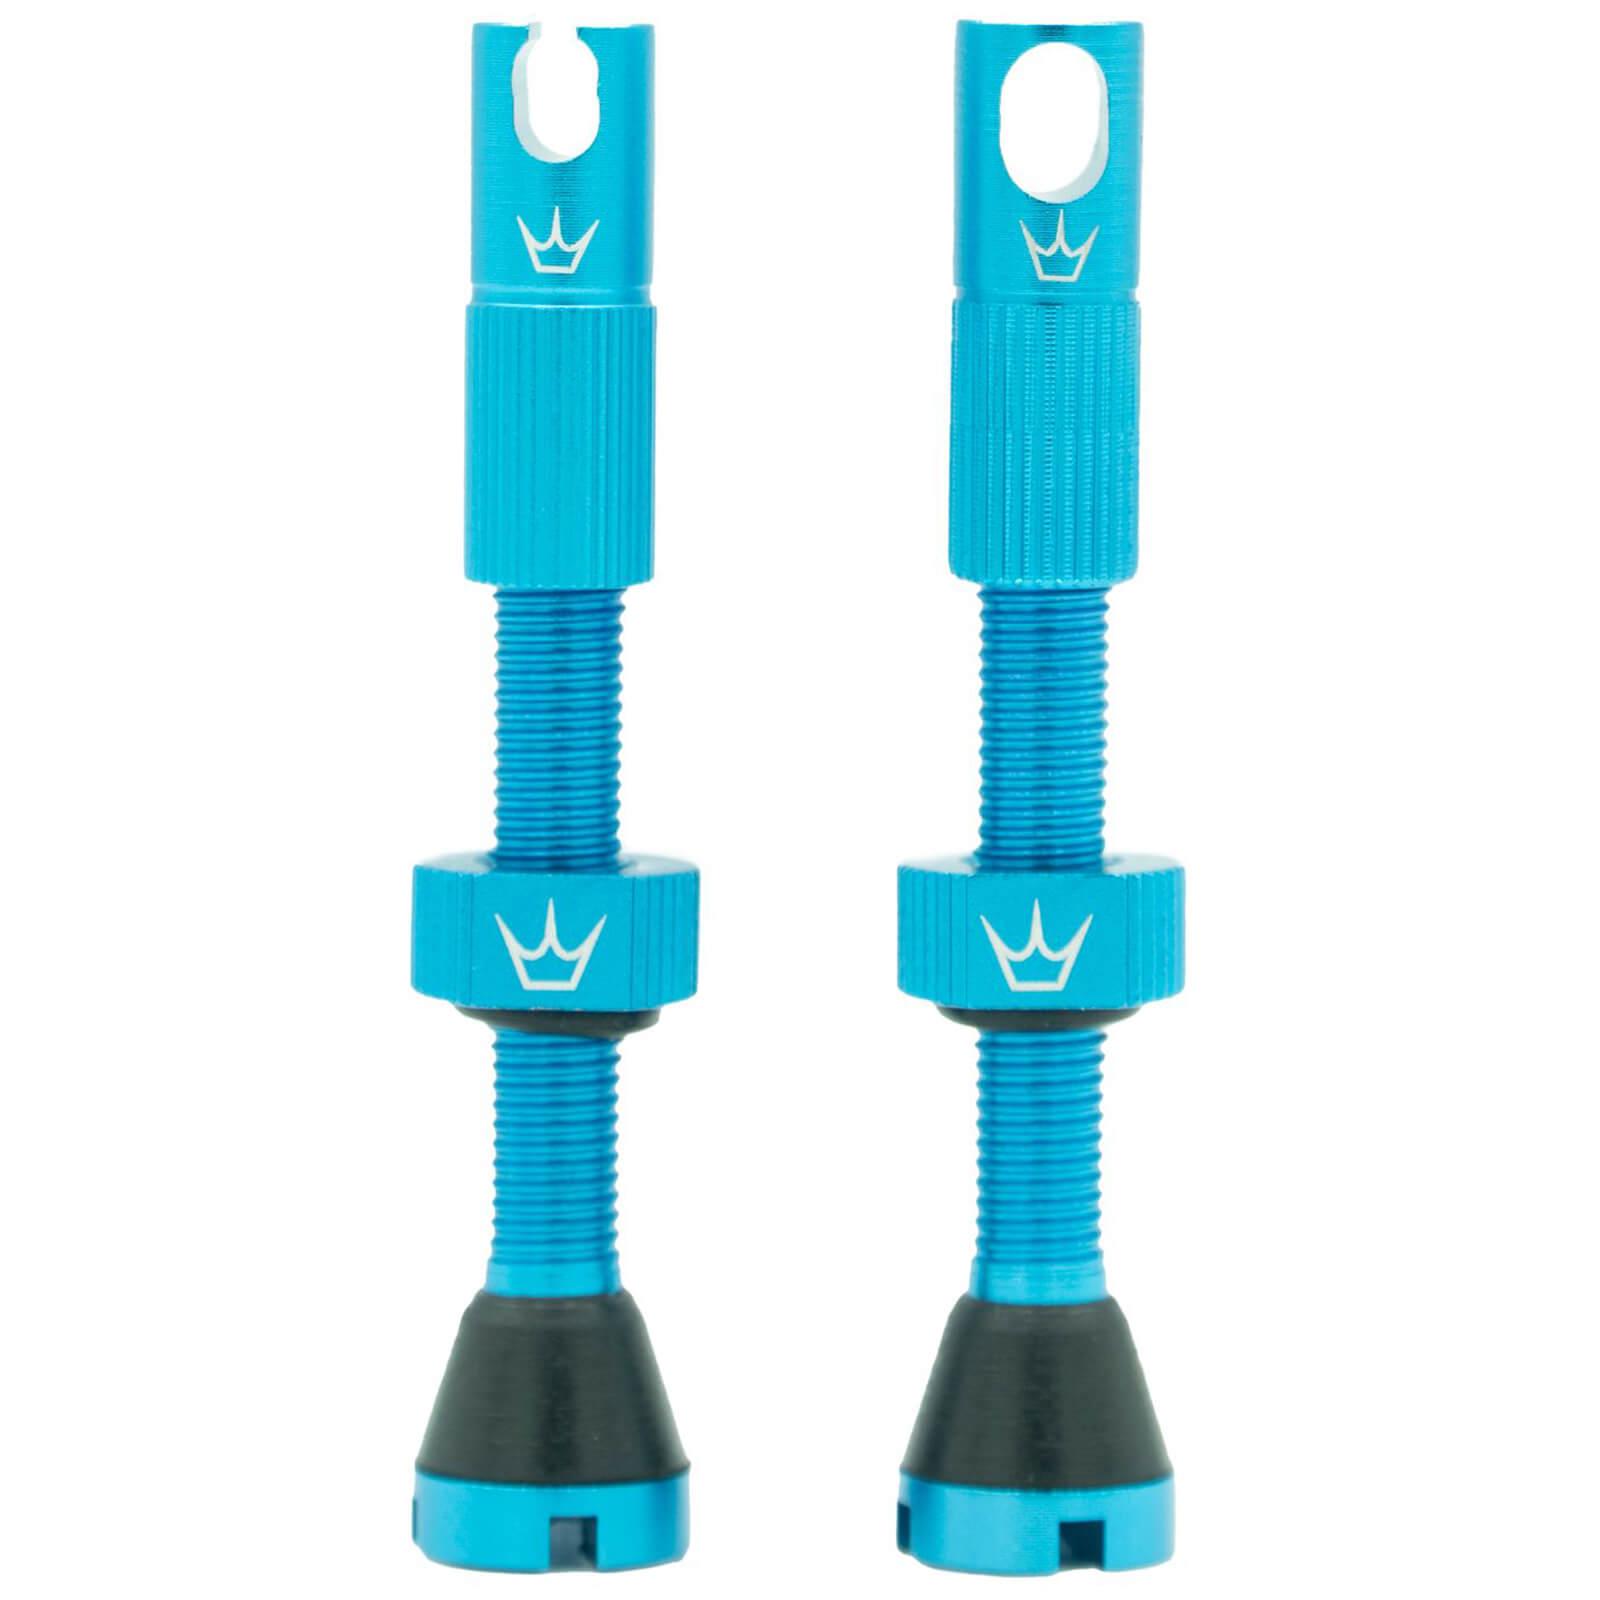 Peaty's x Chris King (MK2) Tubeless Valves - 42mm - Turquoise